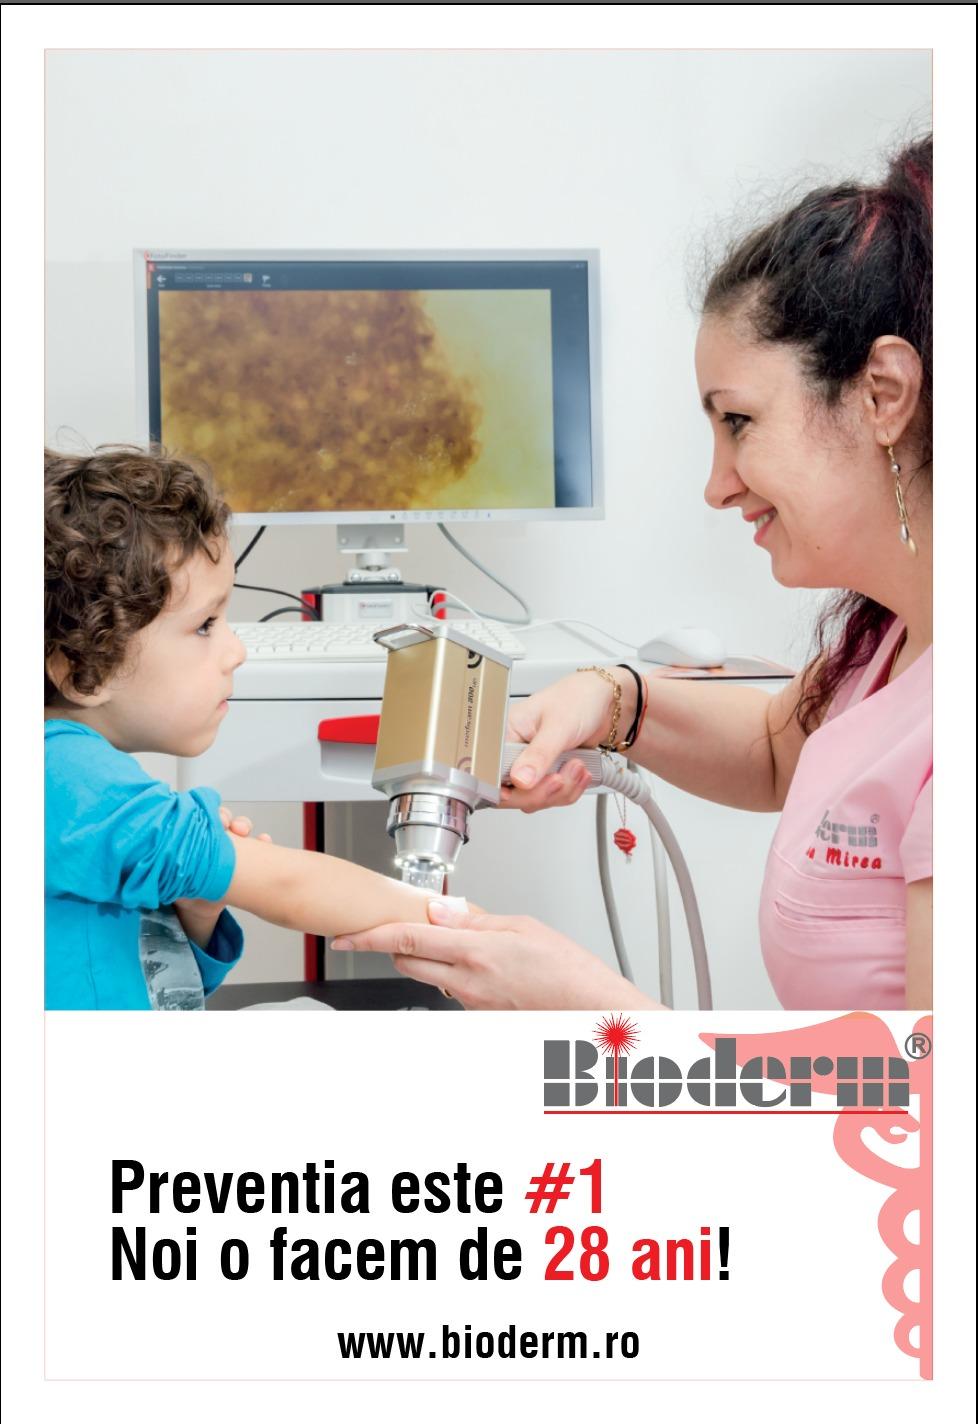 Dermatoscopie-preventie.jpg